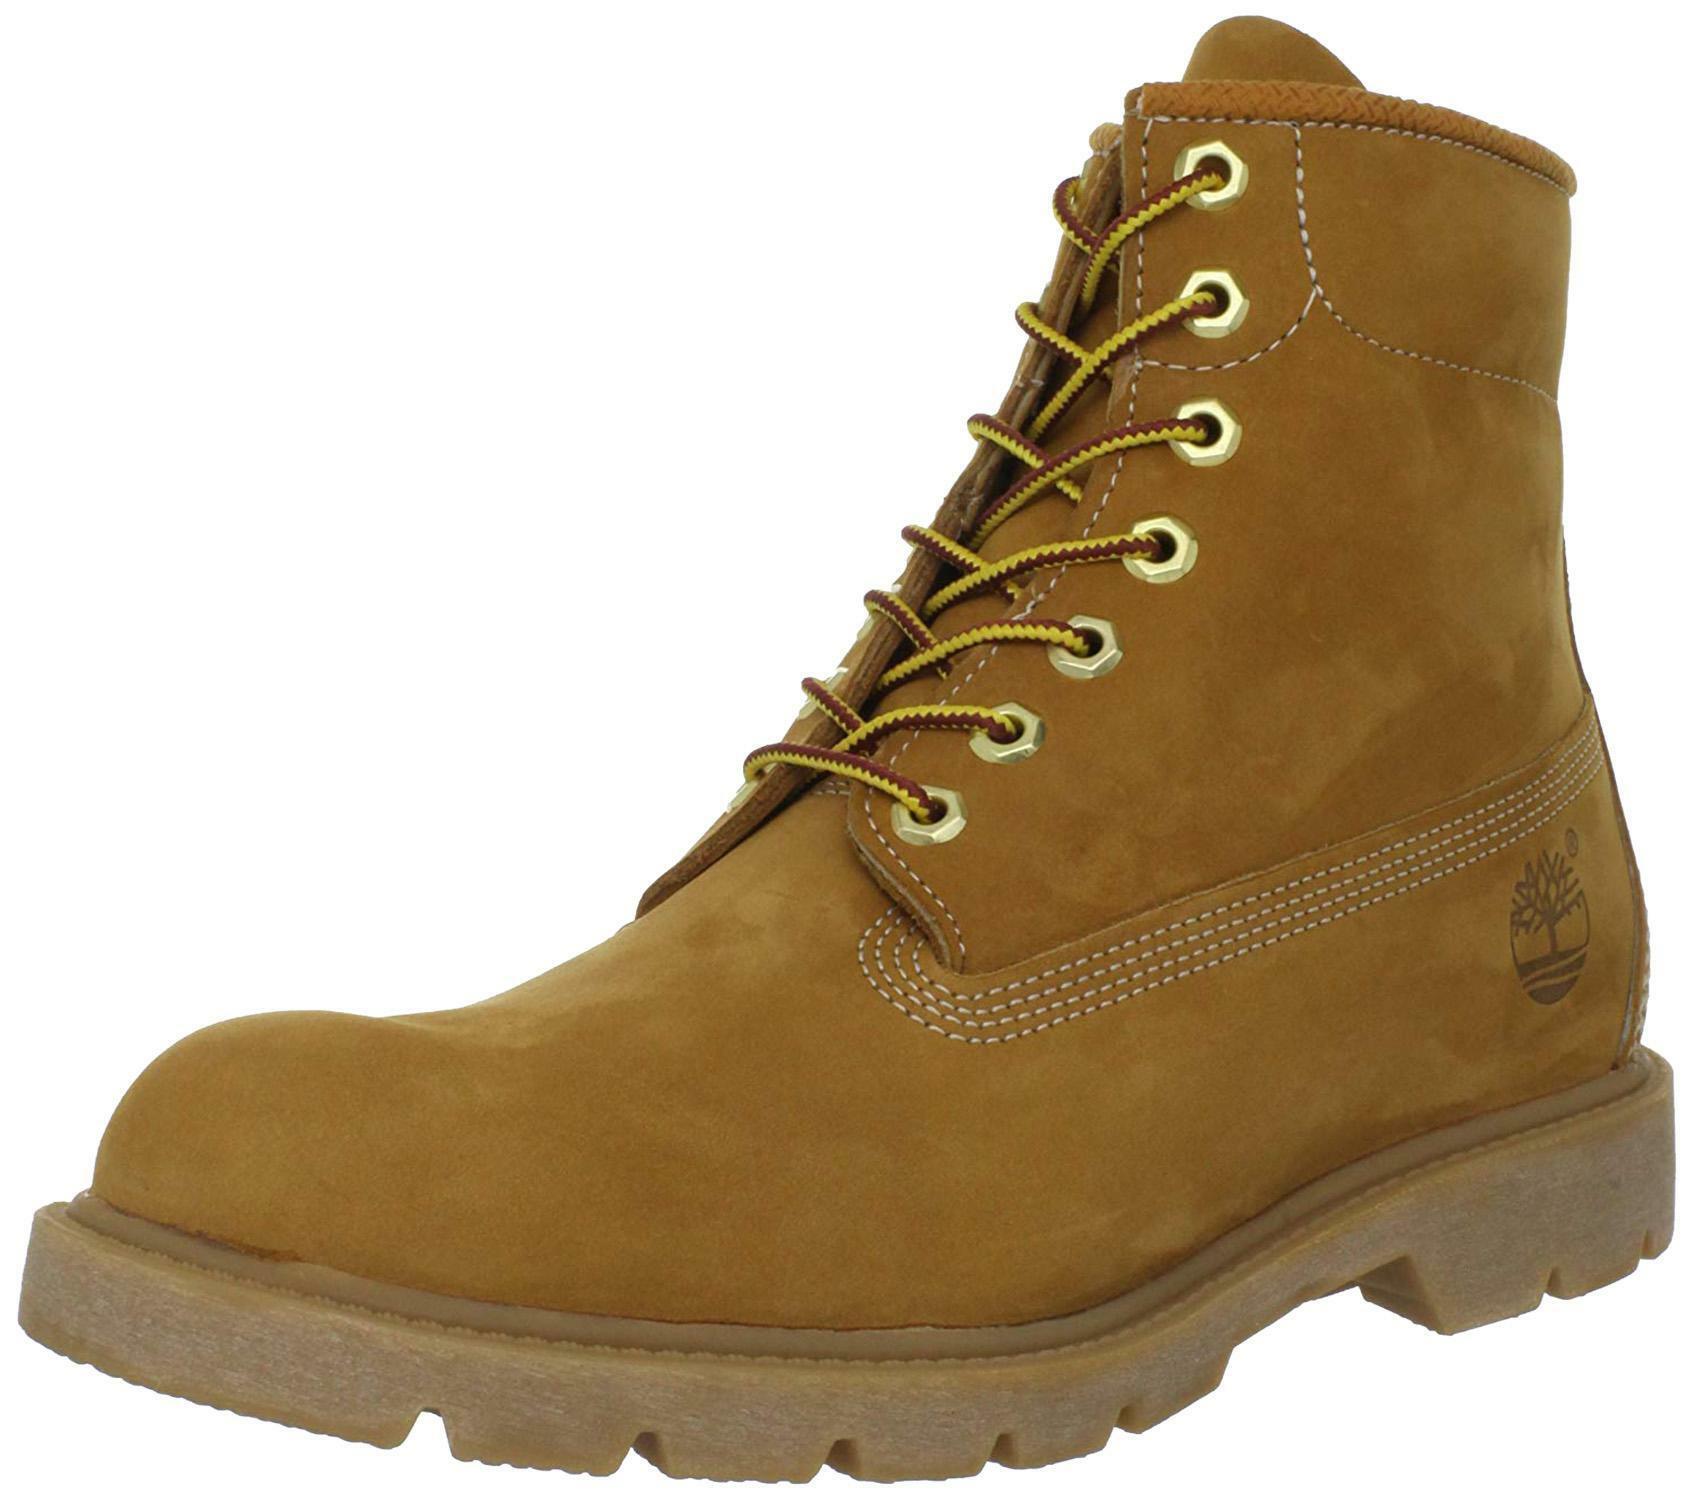 super economico rispetto a Prezzo di fabbrica 2019 autentico Timberland classic scarponcini uomo gialli tb010066713